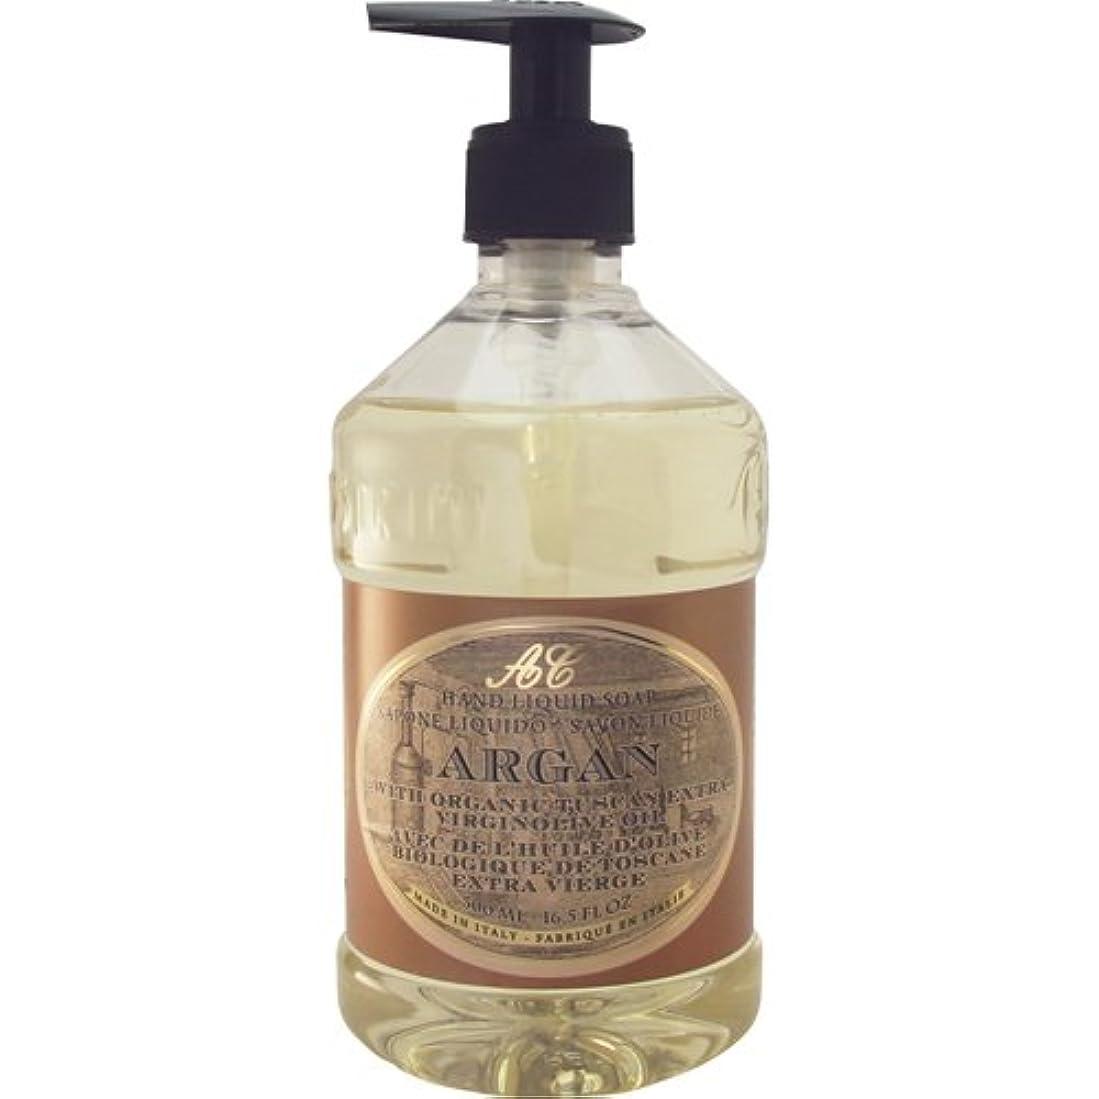 共産主義アーティキュレーションコークスSaponerire Fissi レトロシリーズ Liquid Soap リキッドソープ 500ml Argan アルガンオイル